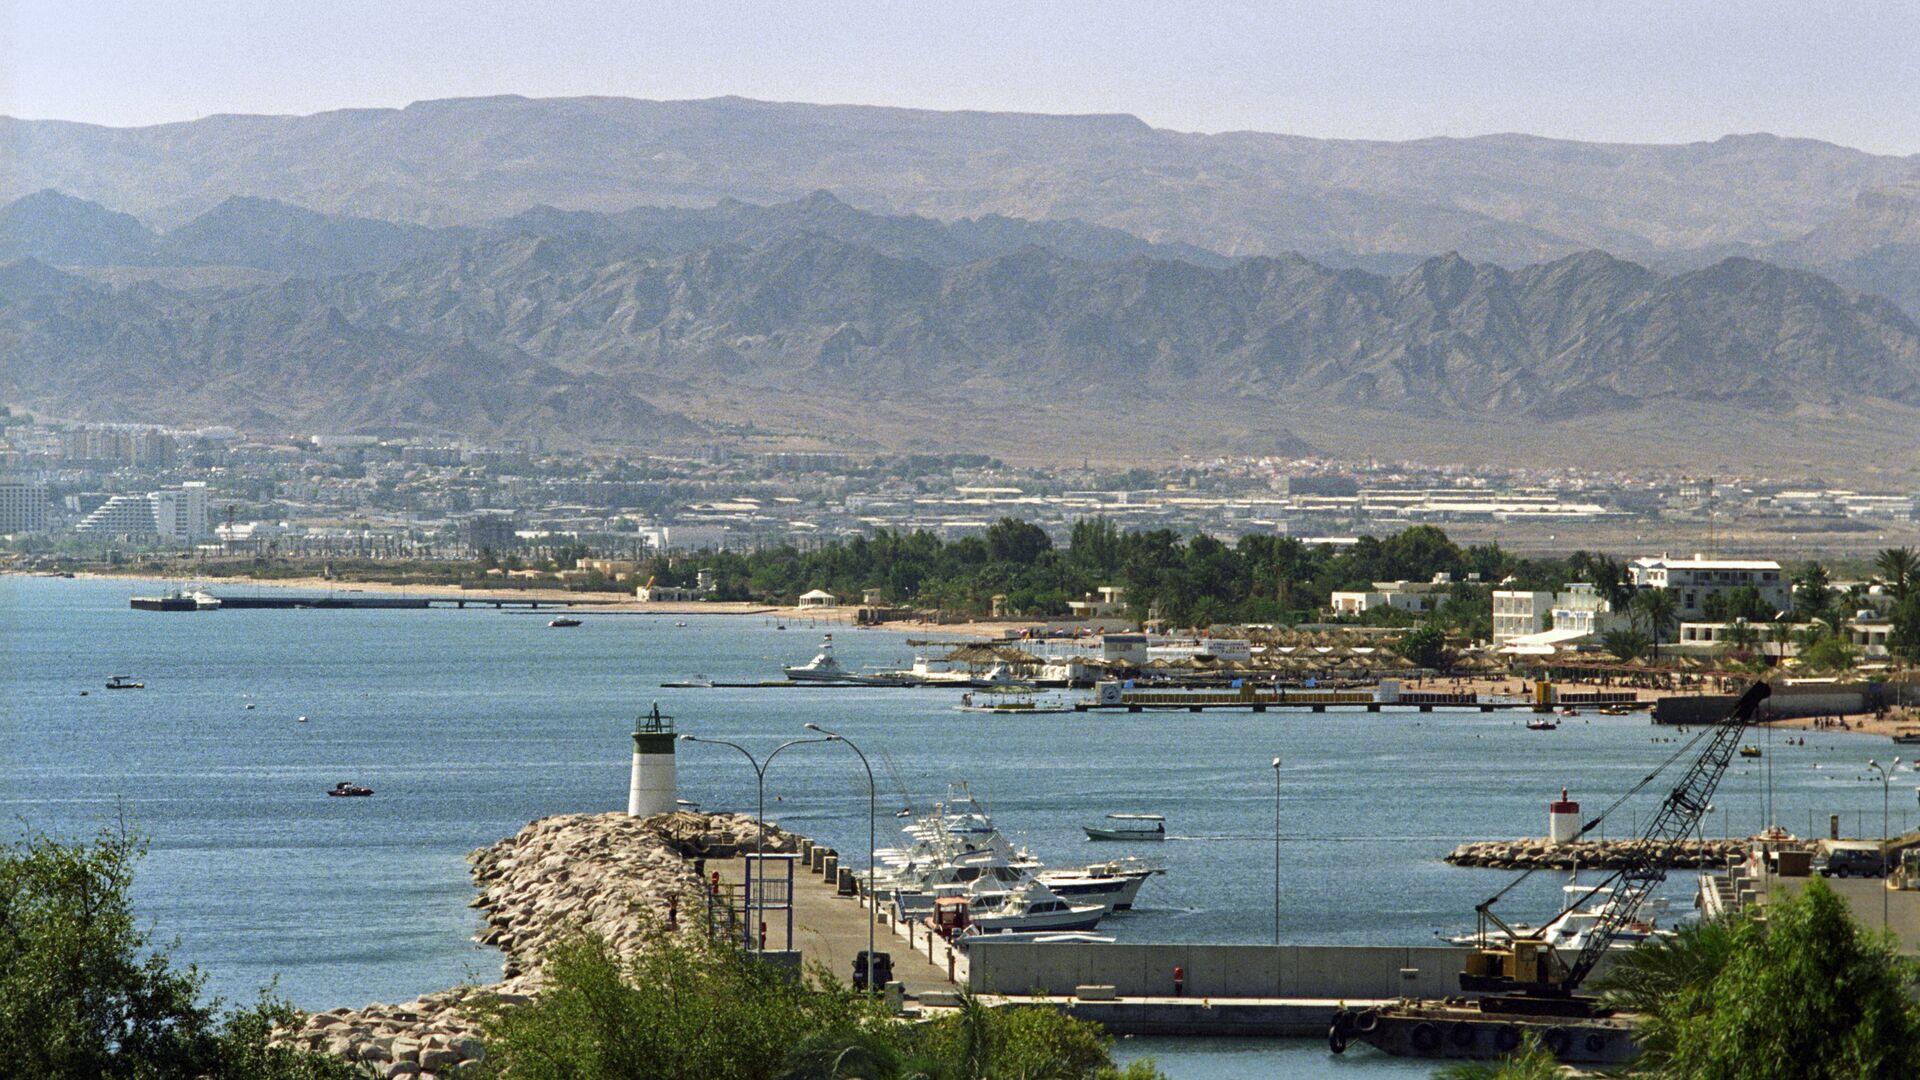 Вид на порт города Акаба. Иордания - РИА Новости, 1920, 01.02.2021